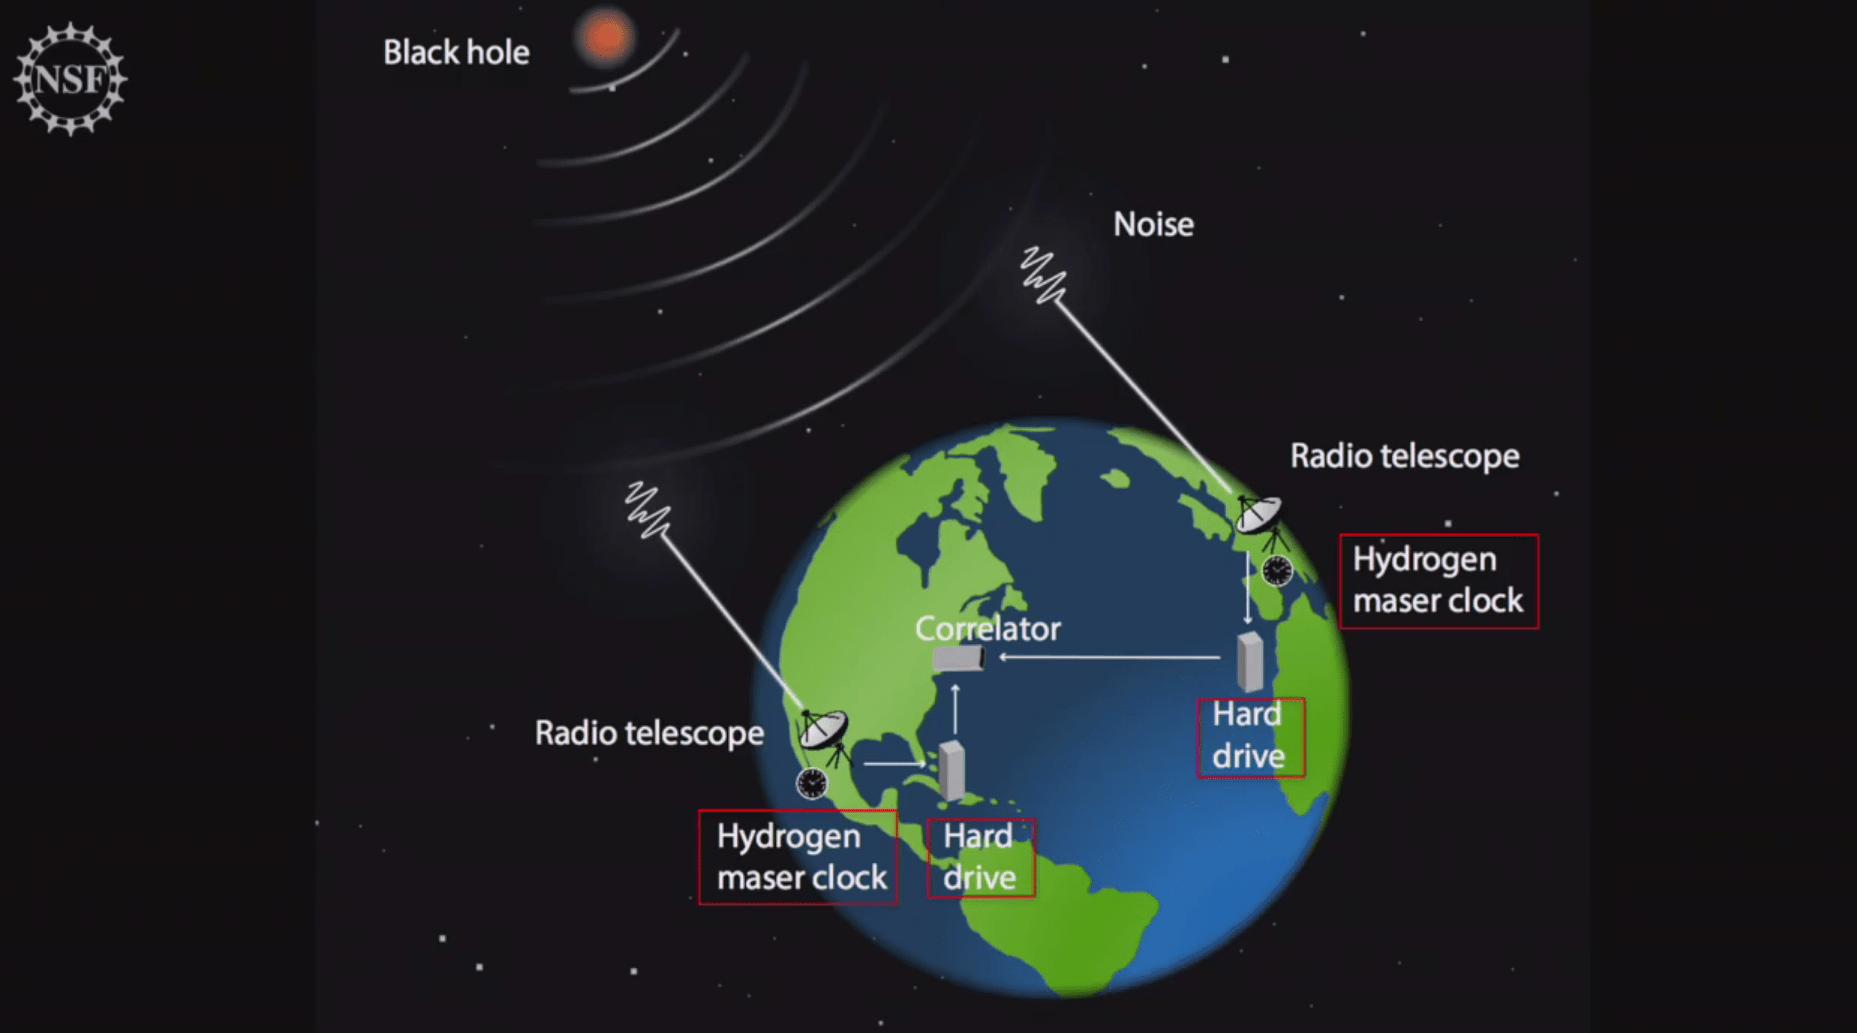 Астрофизики получили первое изображение чёрной дыры 1